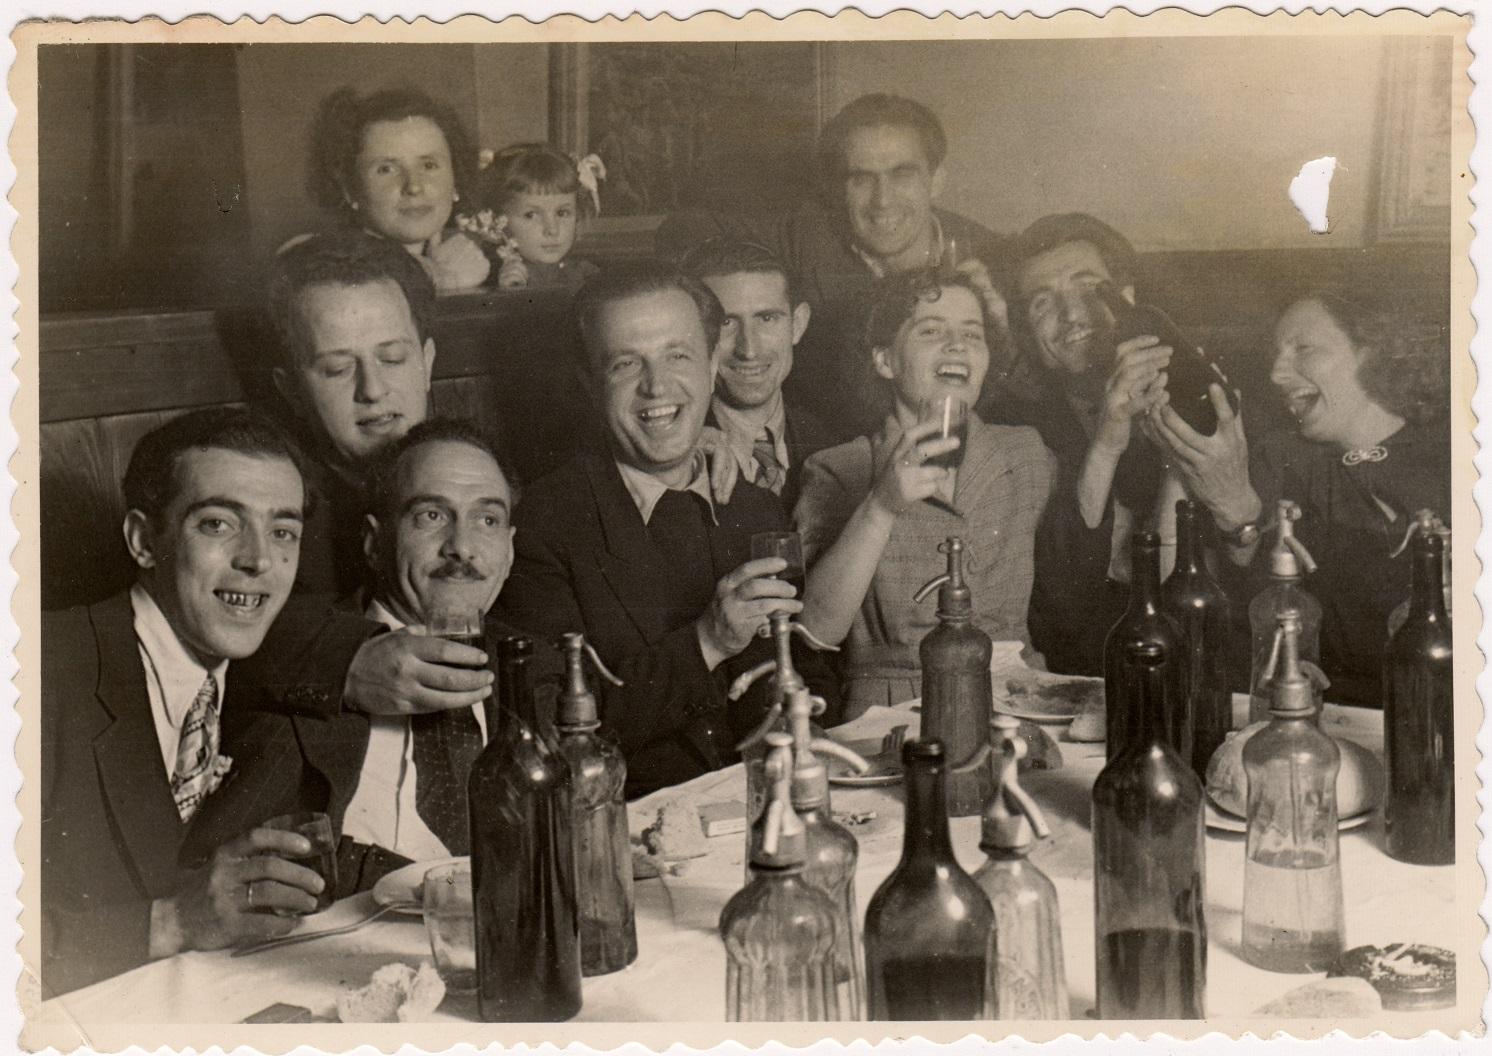 Борис Боров (втори отляво на дясно) със снимачния екип на Екипажът на Надежда (1956 г.) Празненството е по случай успешното заснемане на 14 кадъра от филма. Източник: lostfoundmemories.wordpress.com